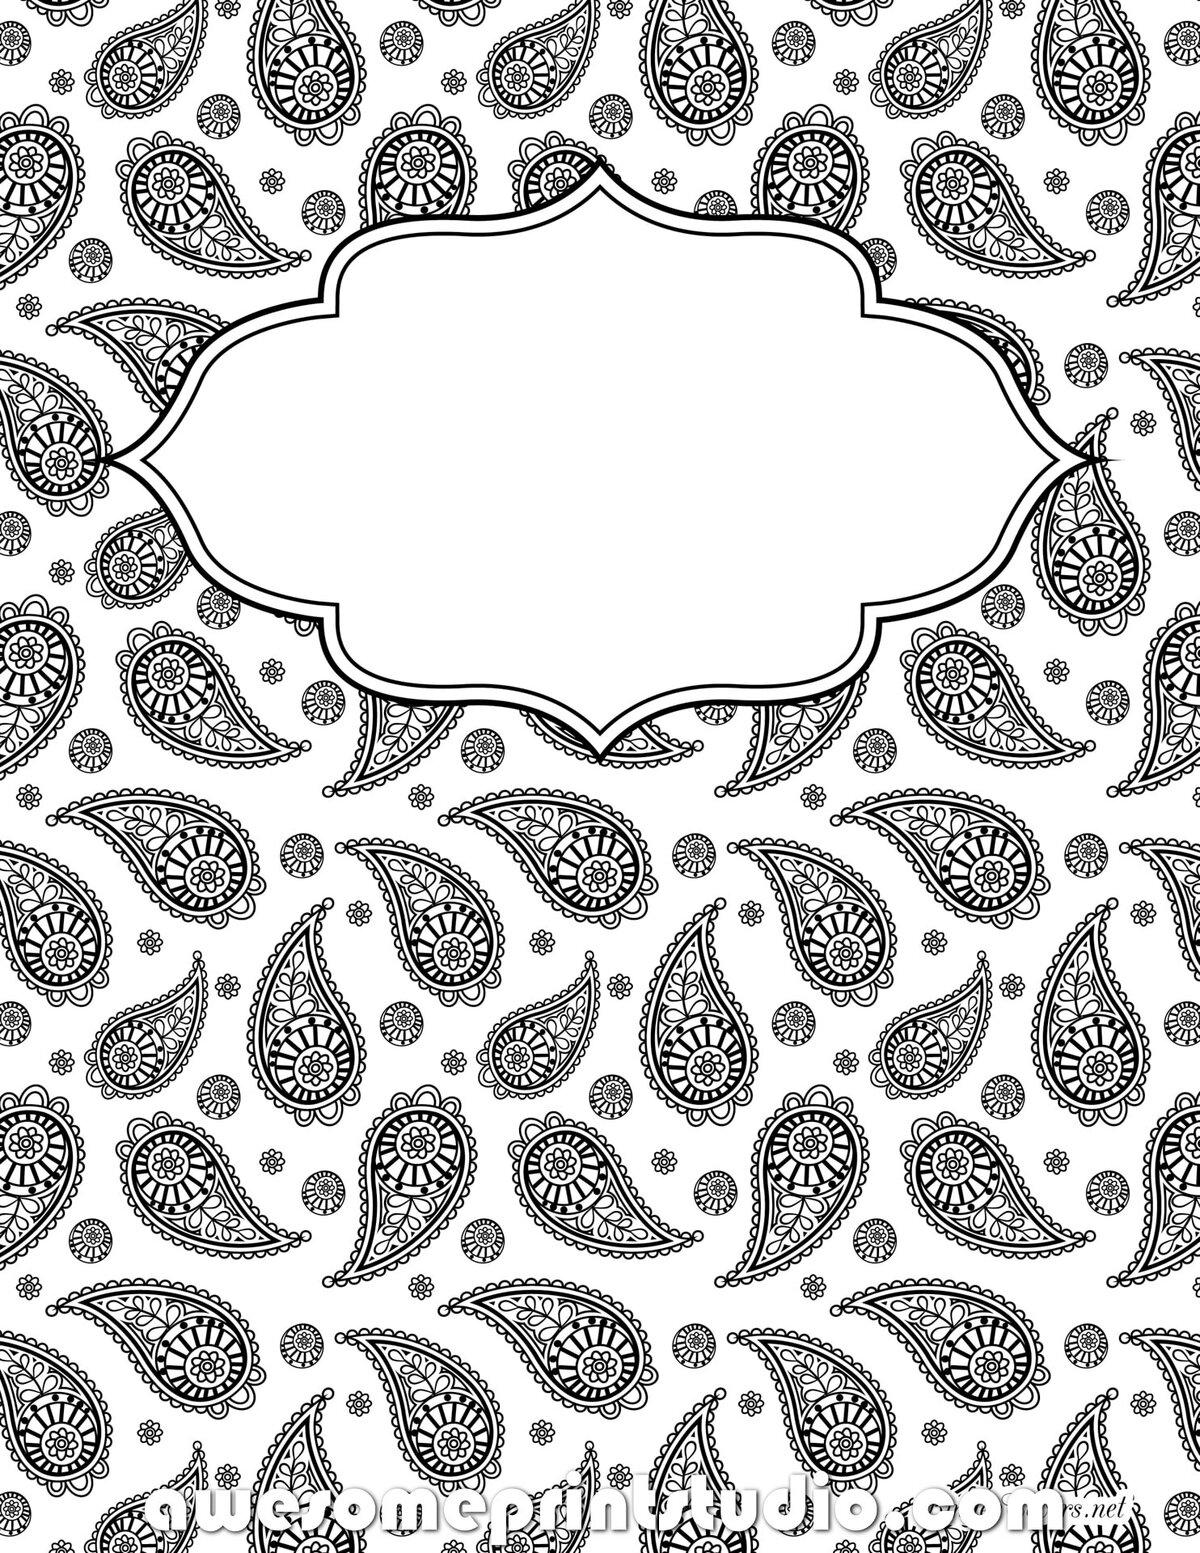 рисунки для тетрадей на обложку черно белые моде сочетание